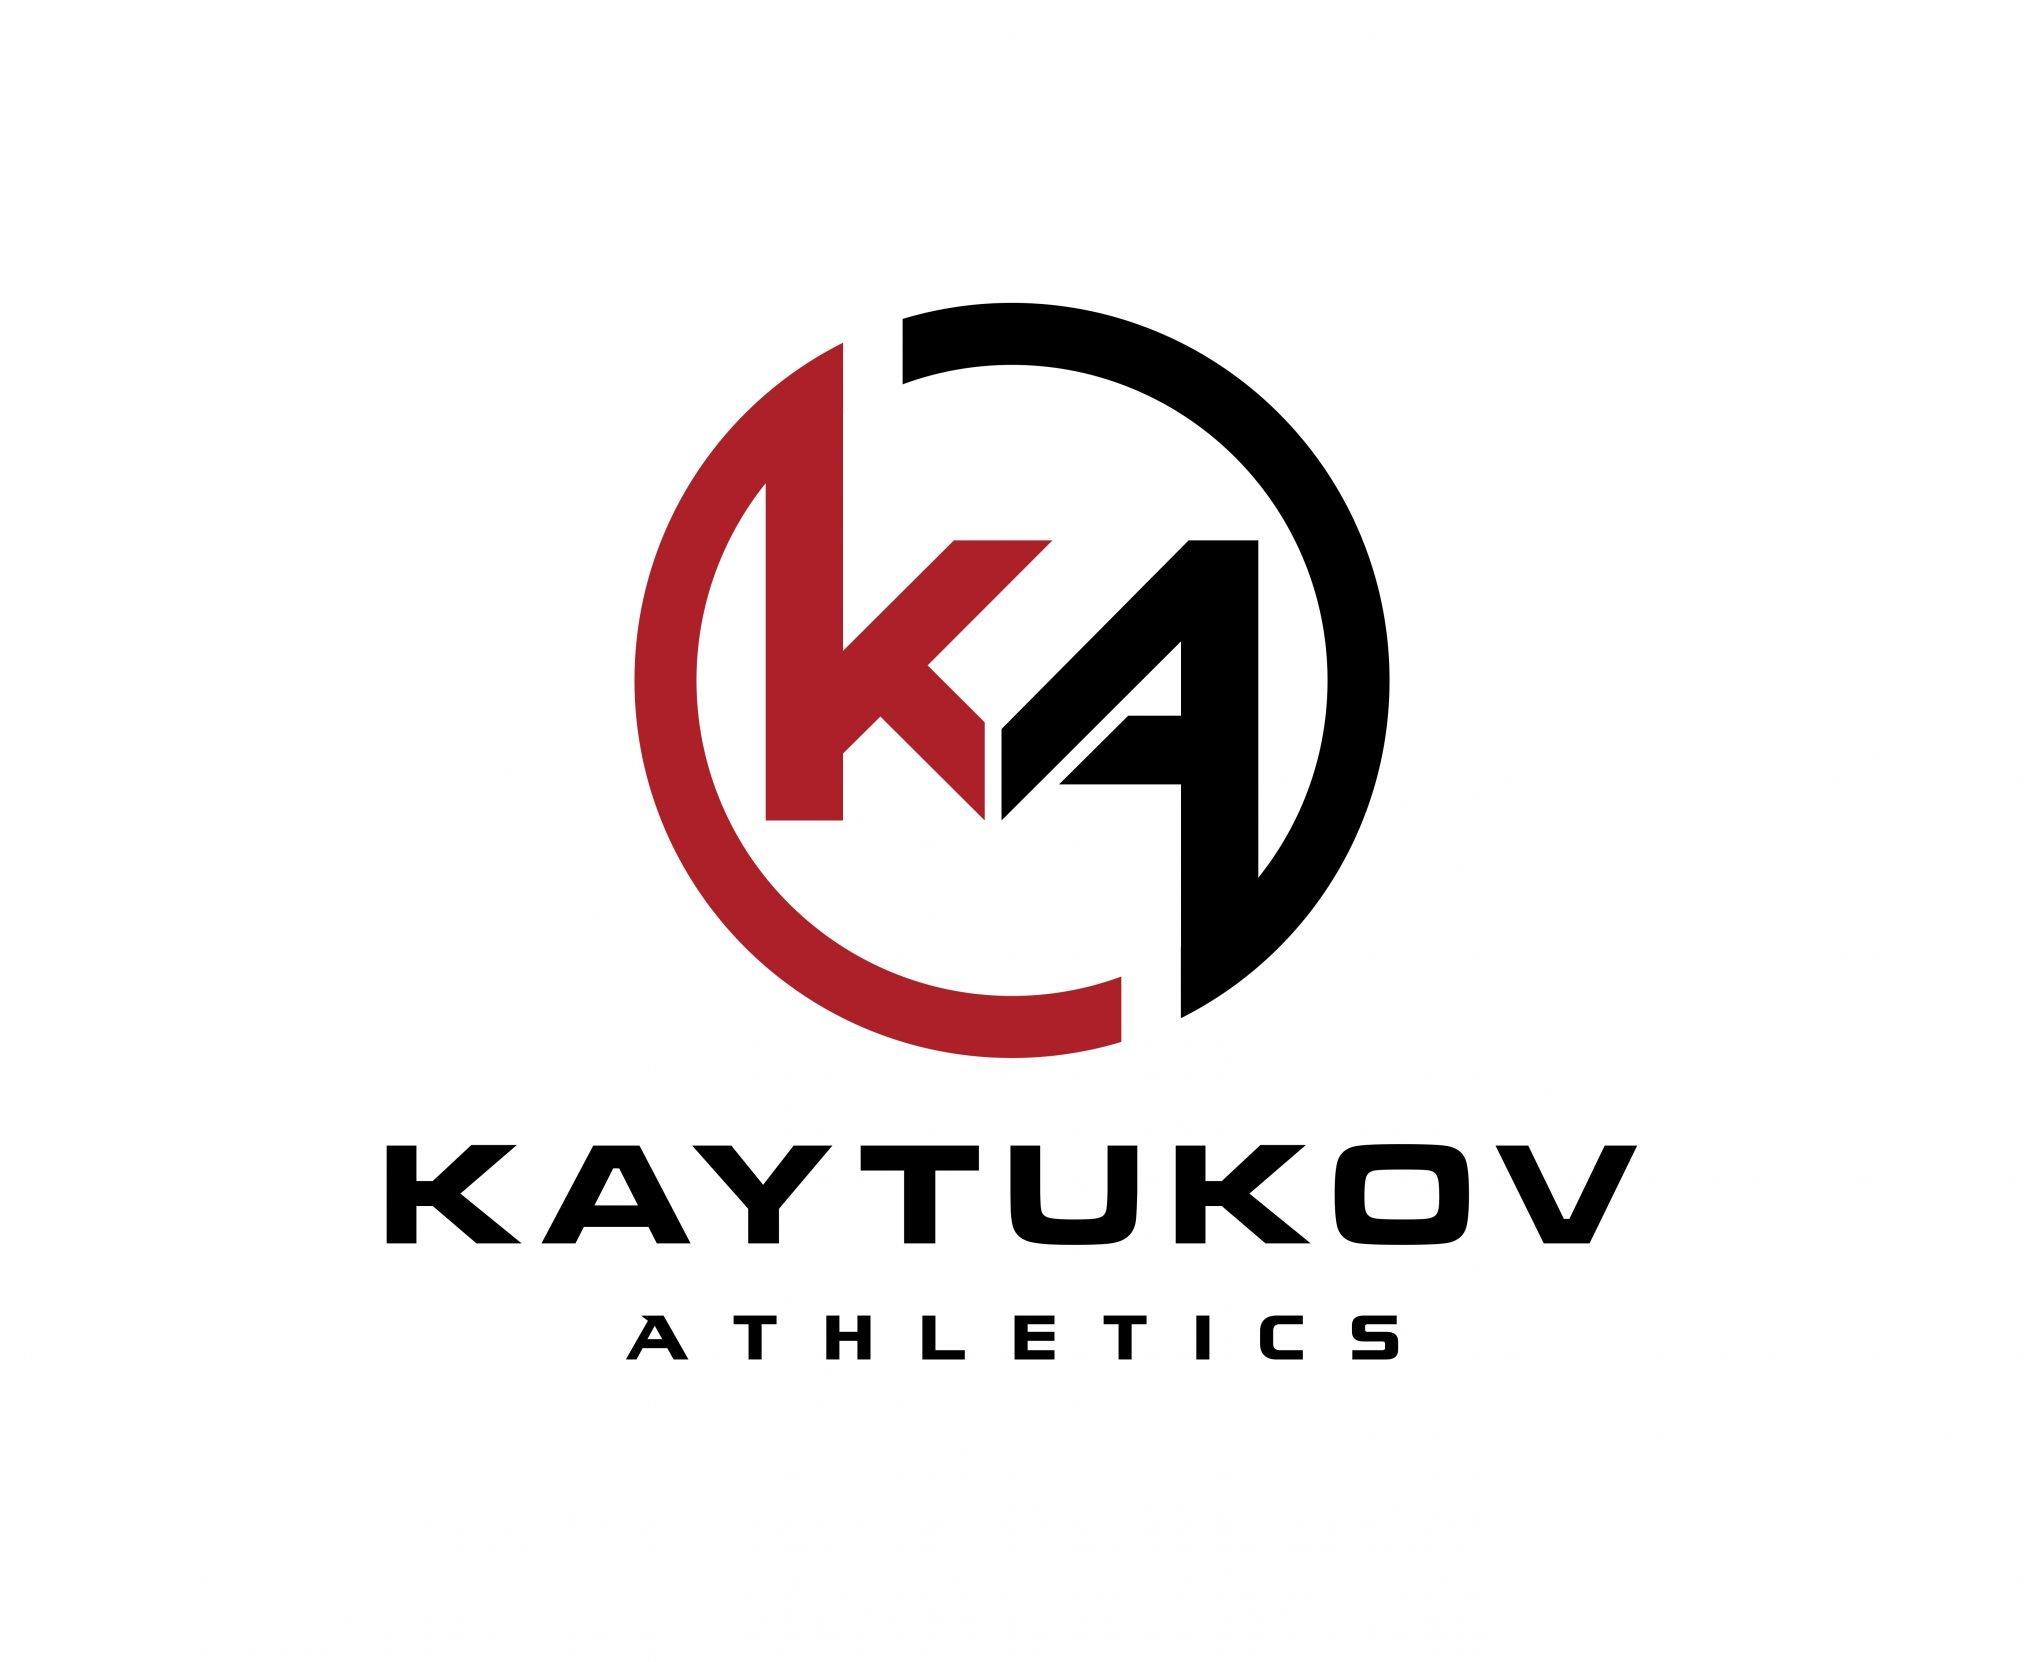 Kaytukov Athletics (MMA & Fitness)